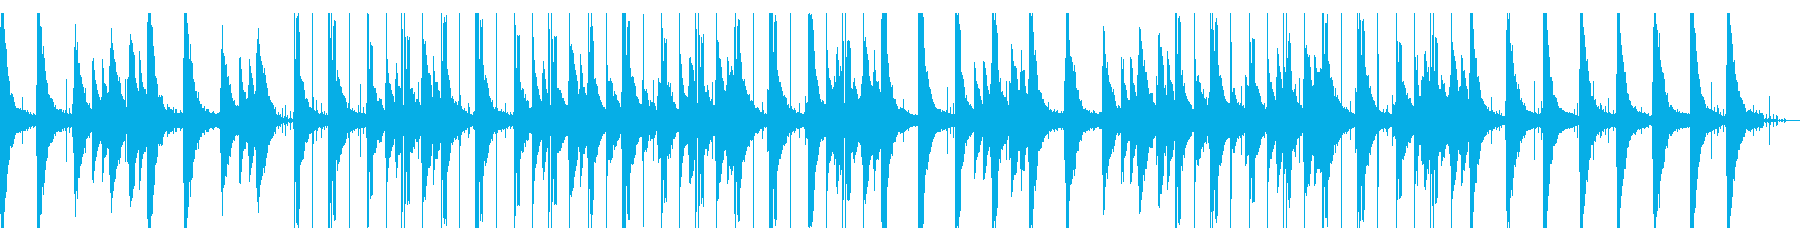 ギターソロのローファイヒップホップの再生済みの波形